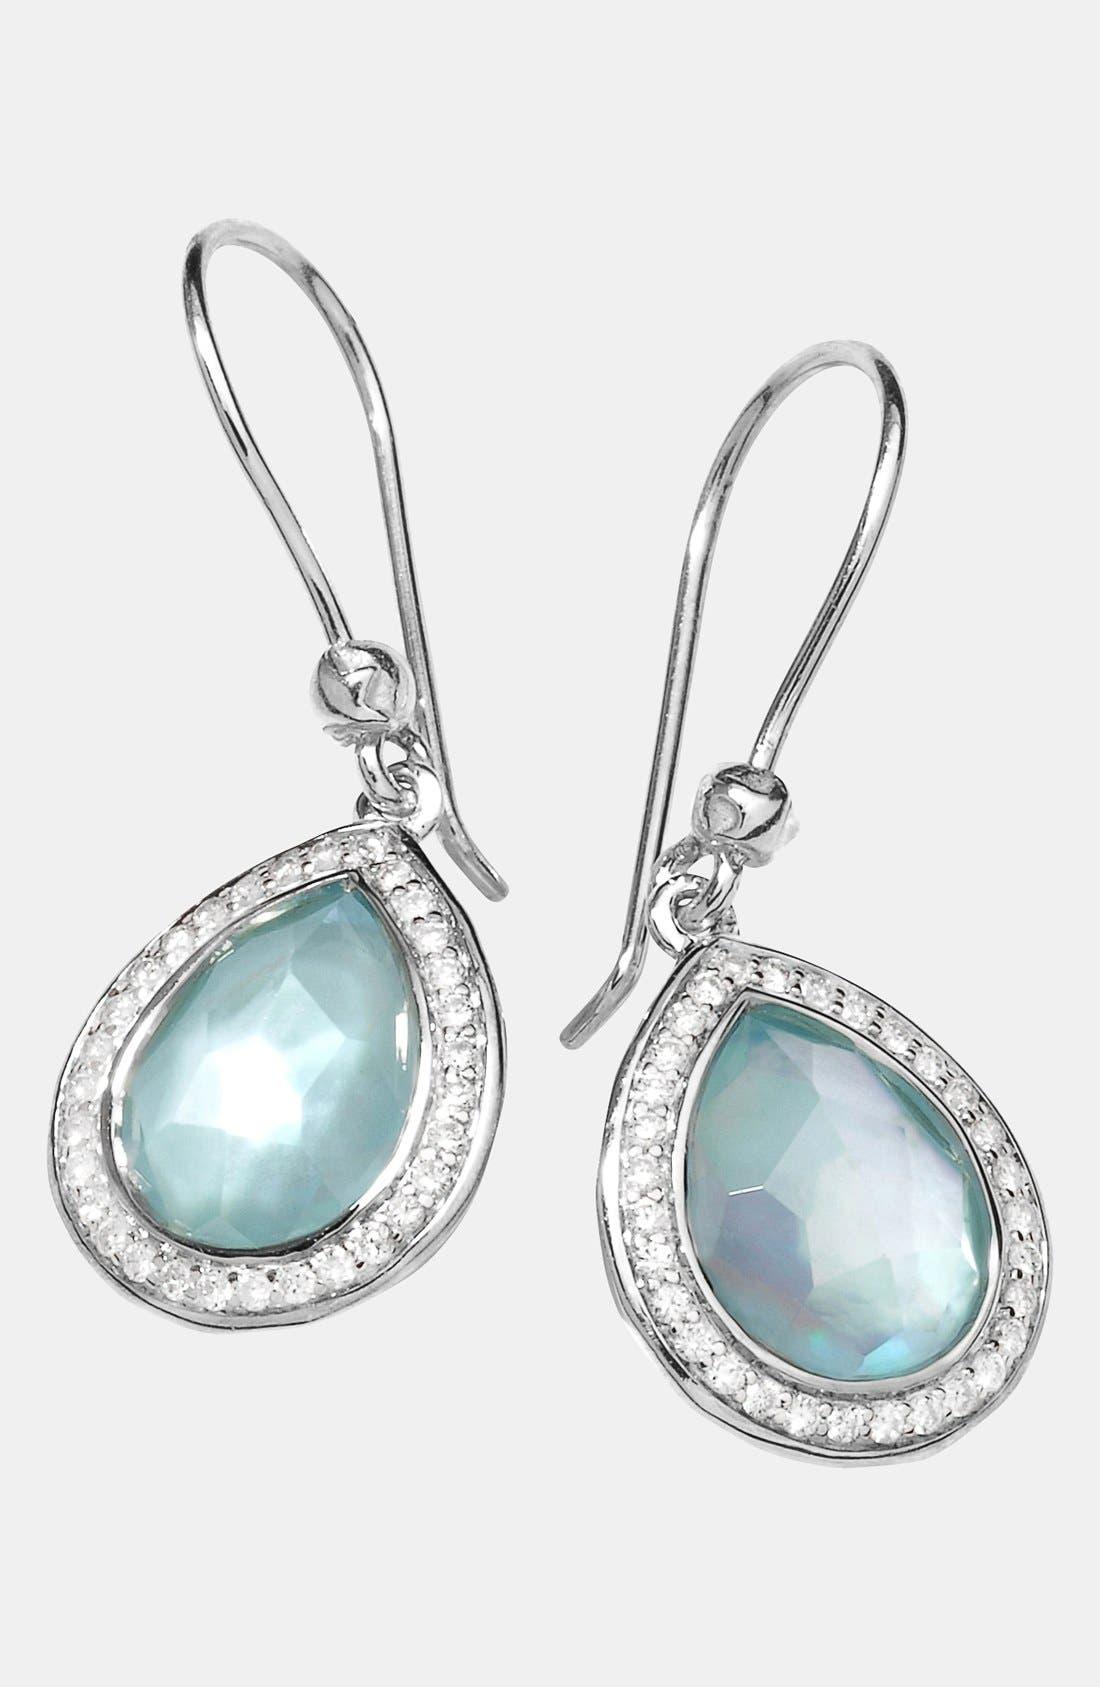 'Stella' Small Teardrop Earrings,                         Main,                         color, Silver/ Blue Topaz